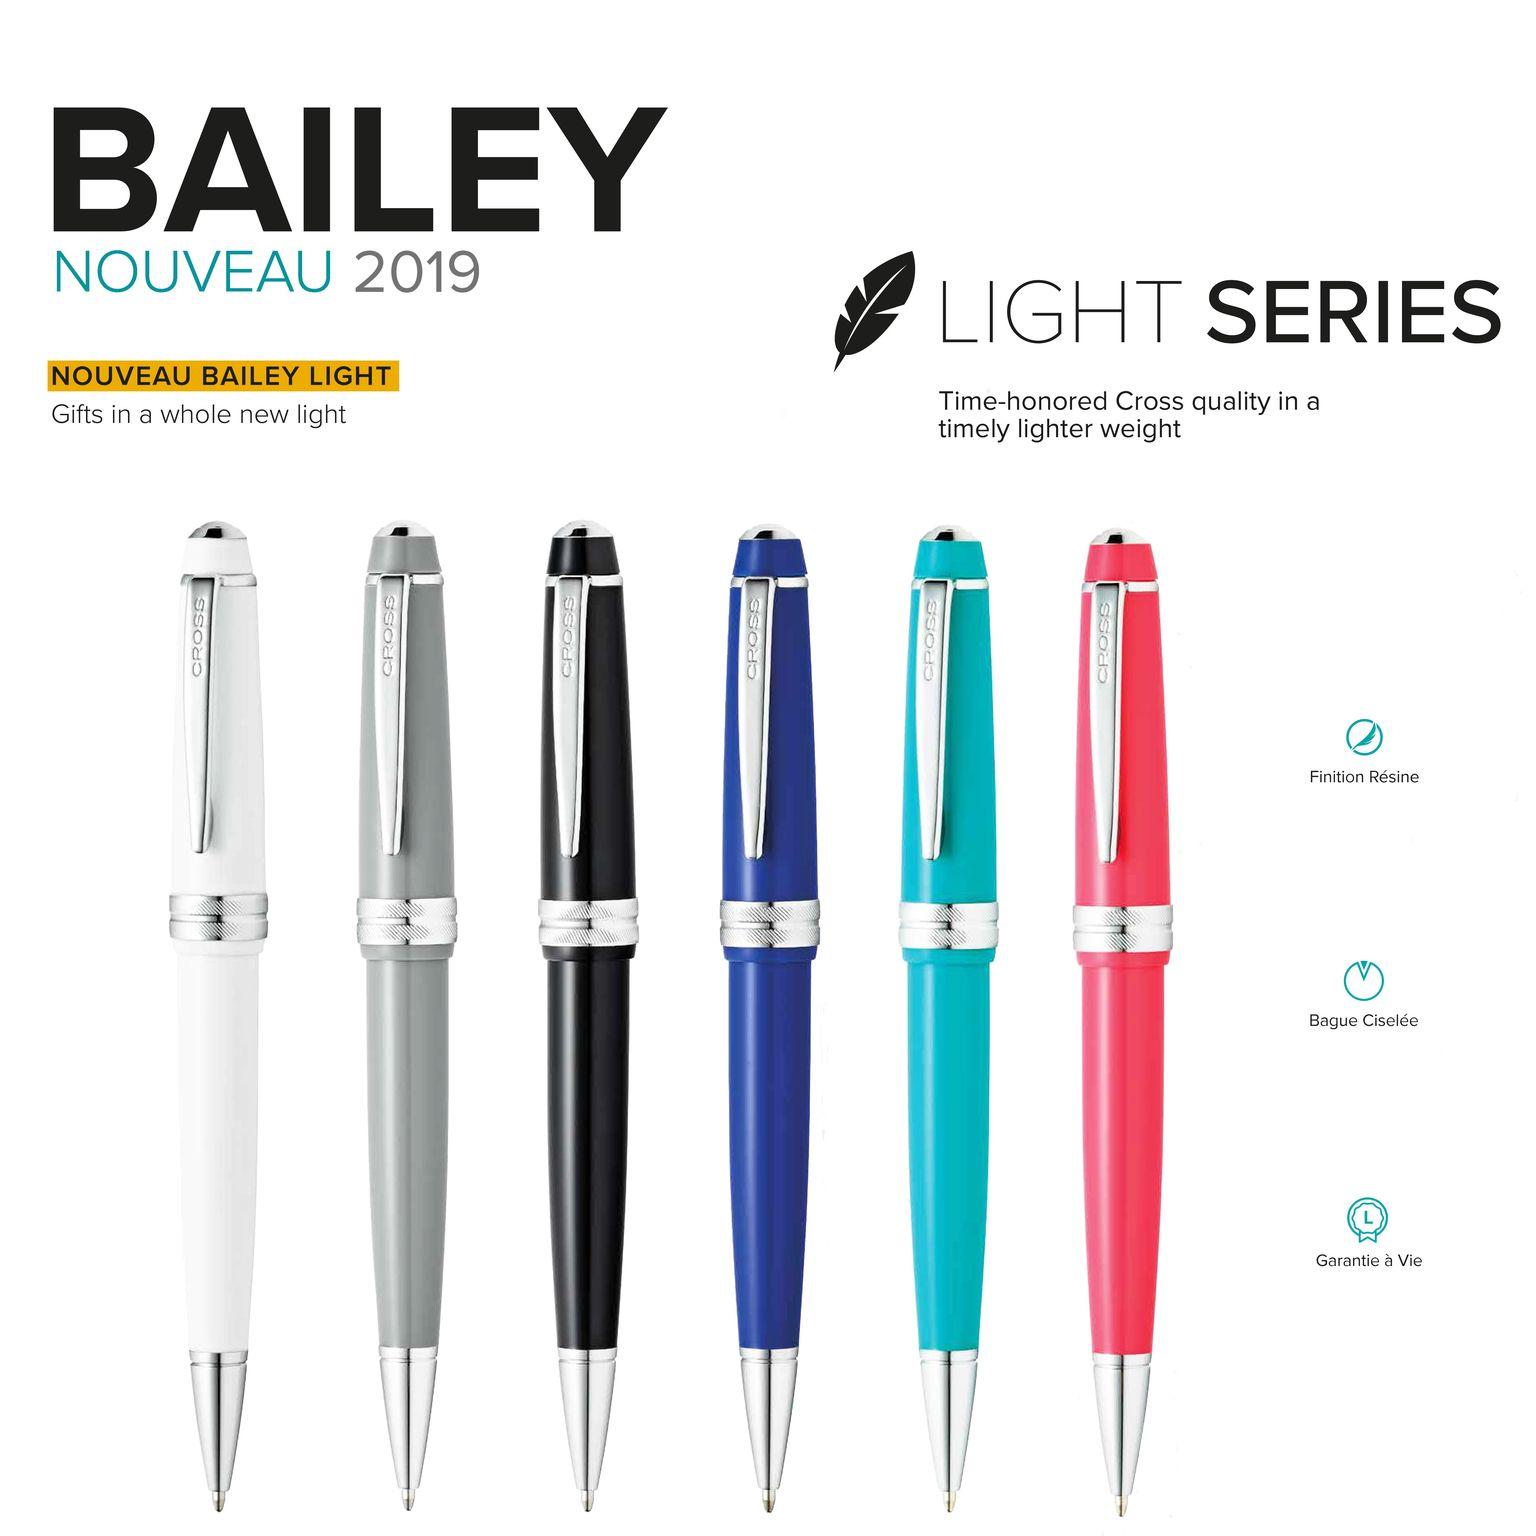 Stylo roller Bailey LIGHT